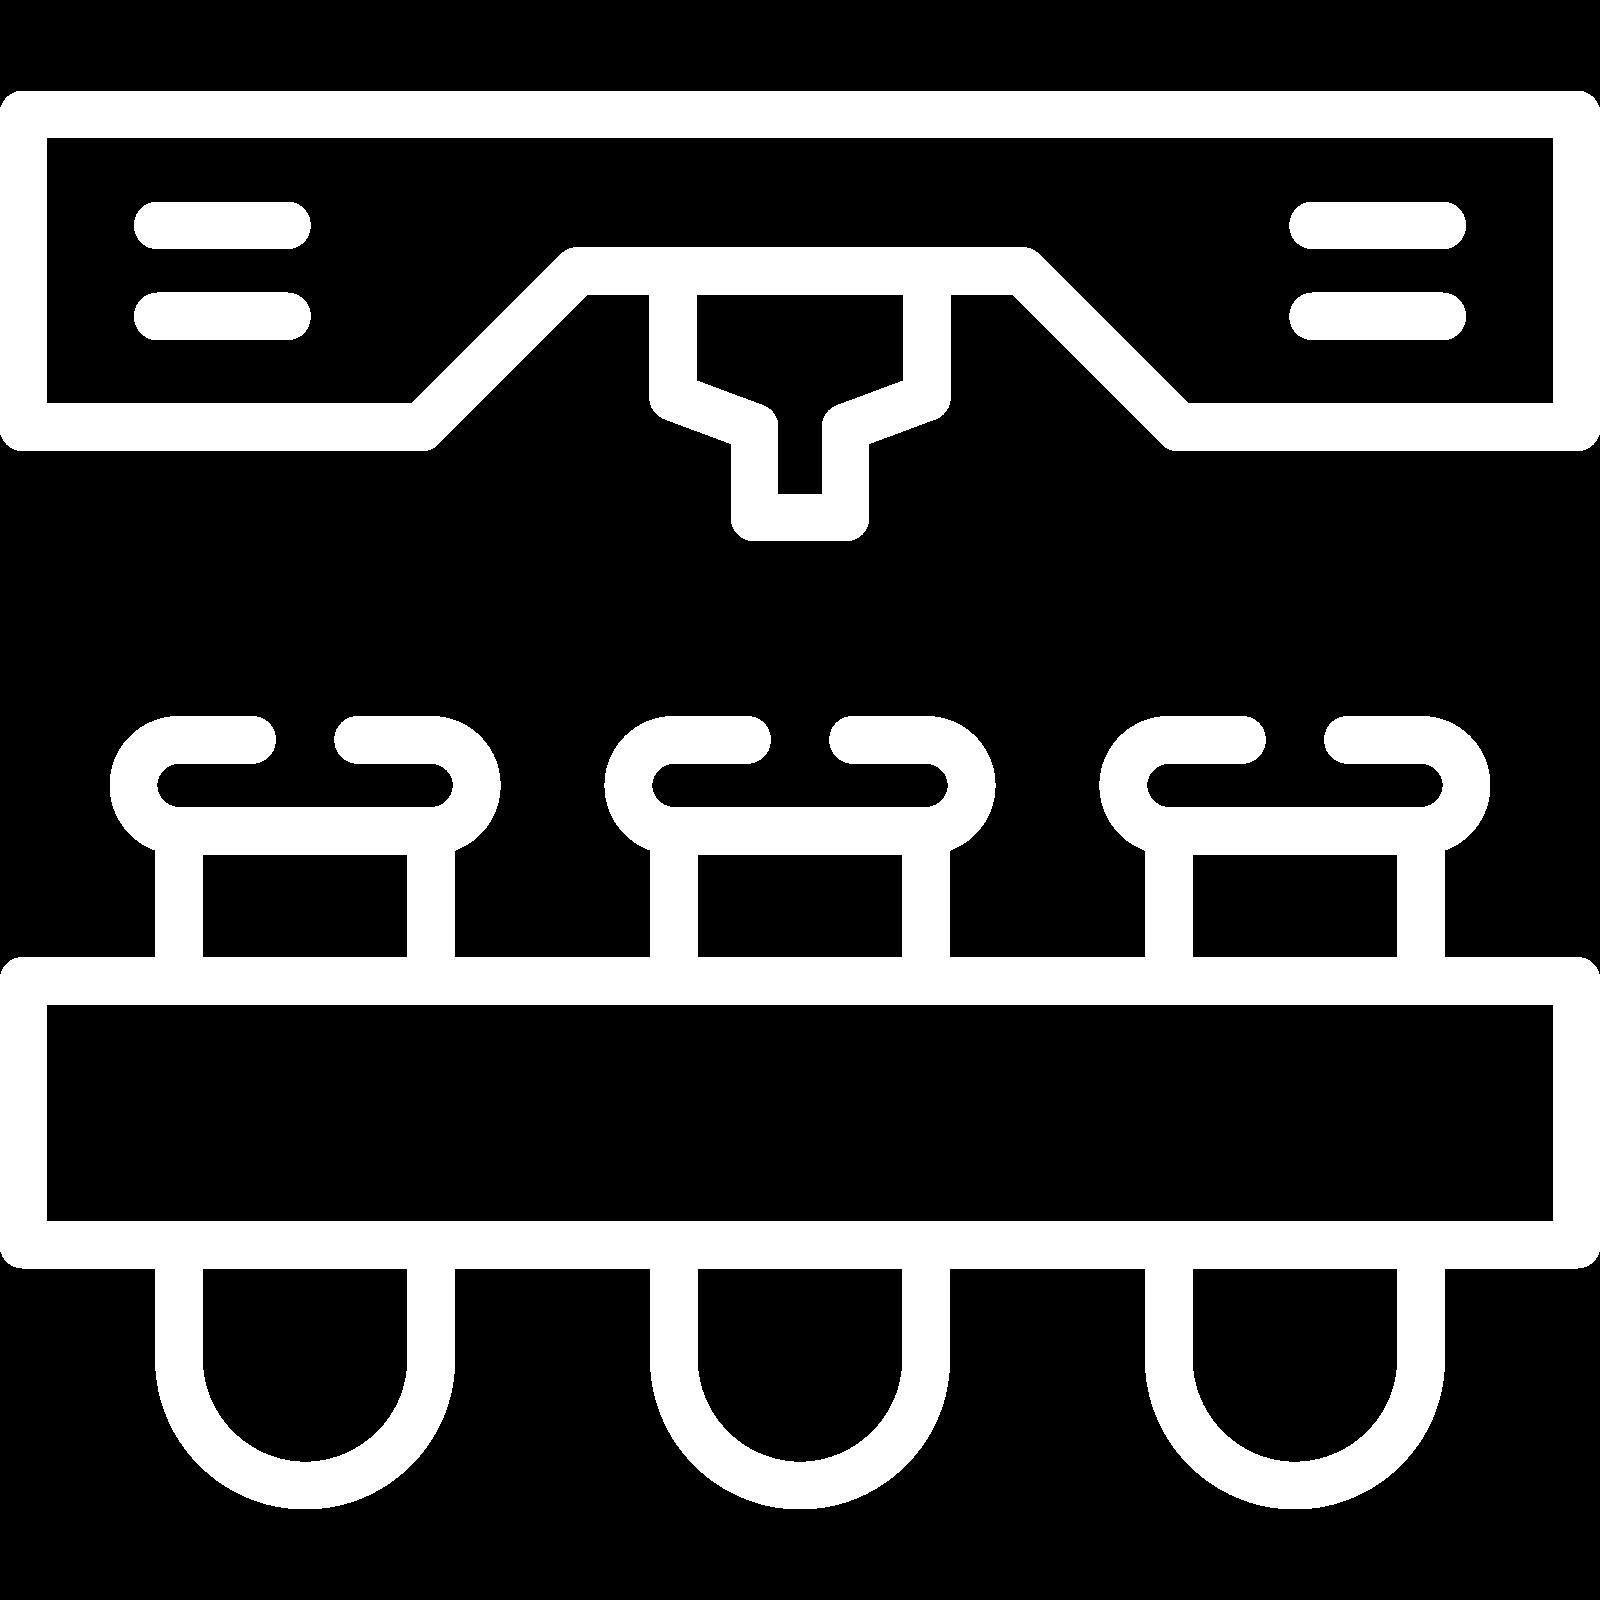 vertical-filling